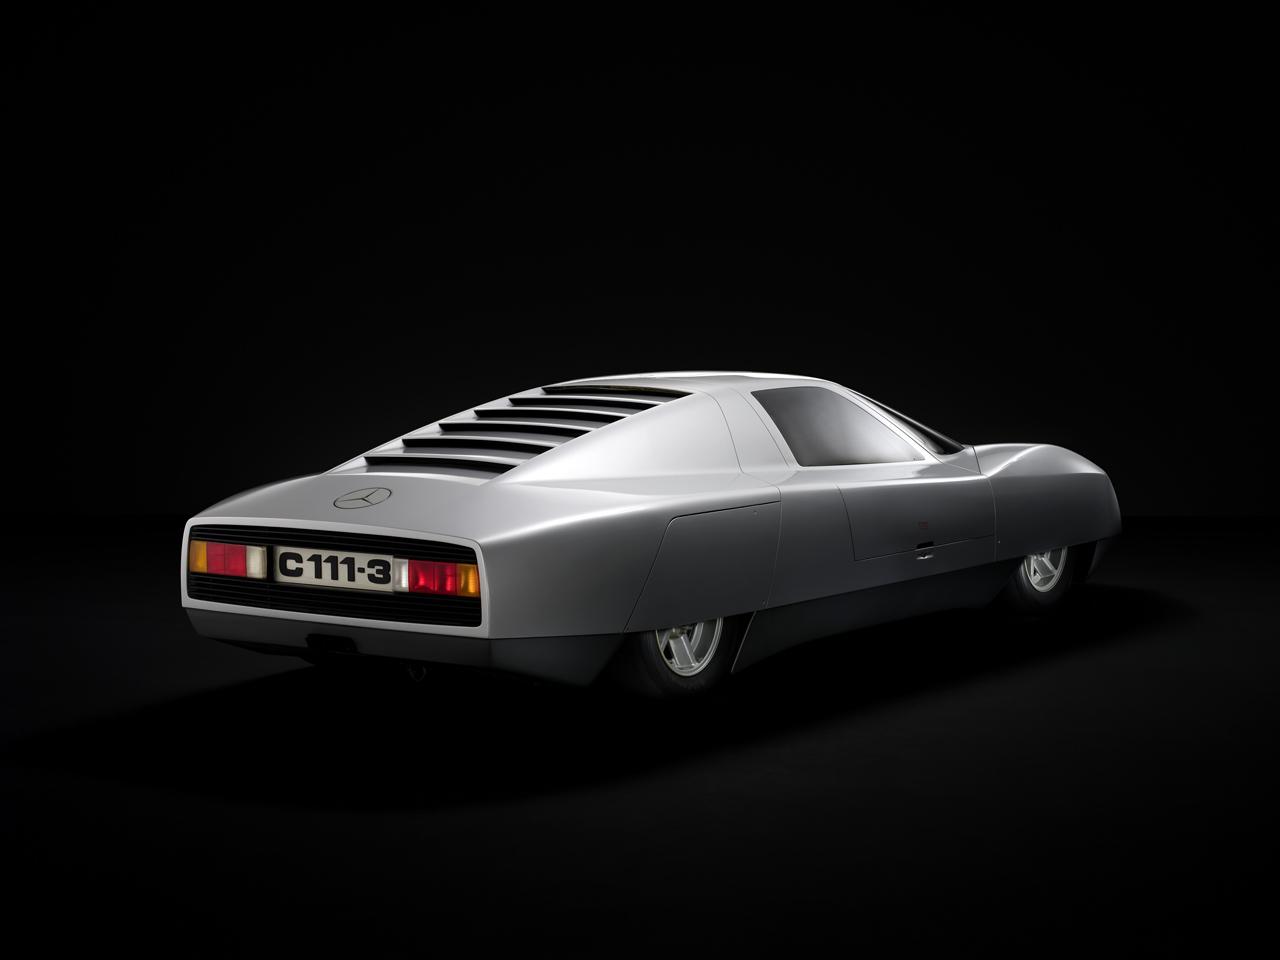 1978 Mercedes-Benz C111-III - Concepts